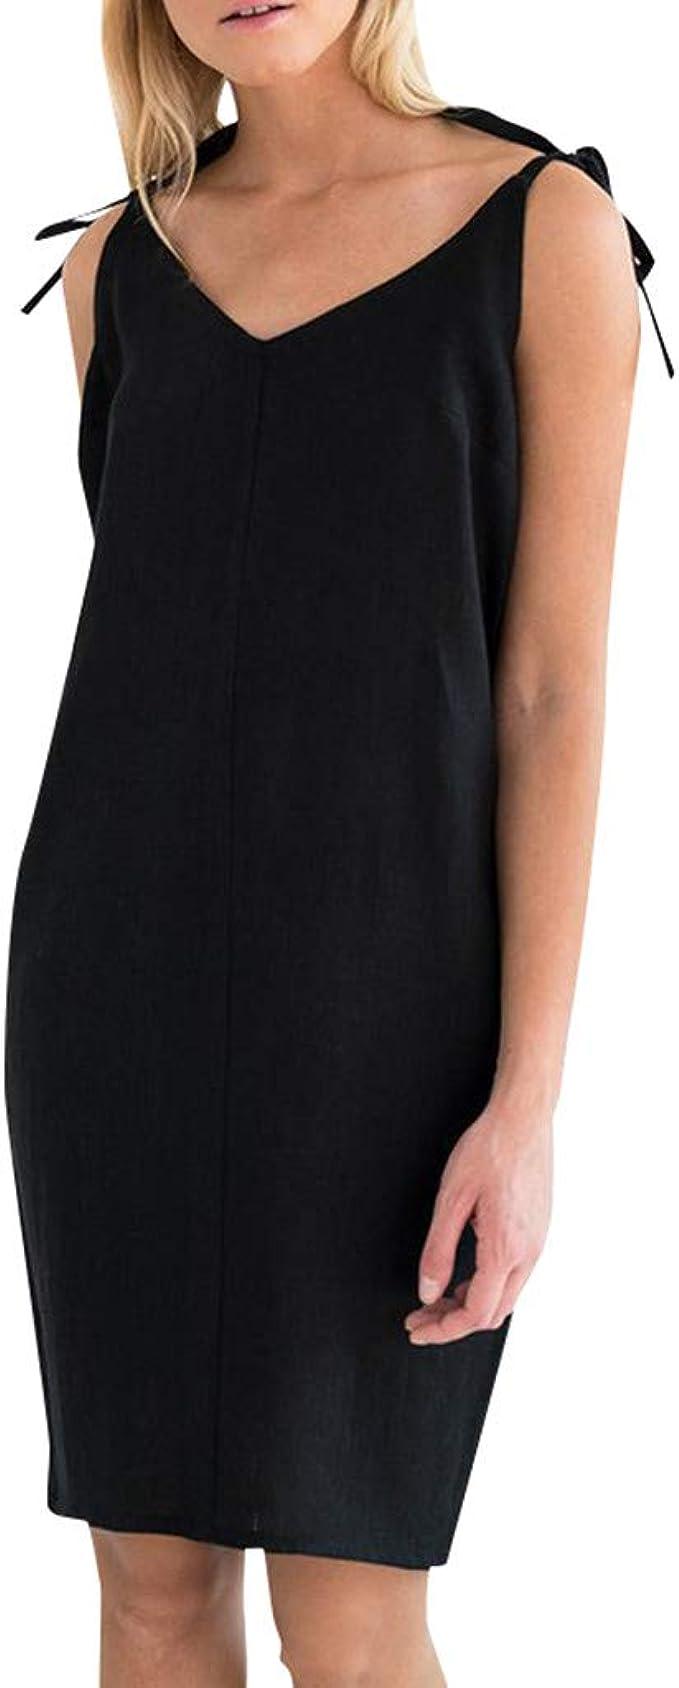 SCHOLIEBEN Kleid Kleider Sommerkleid Damen Sommer Vintage T Shirt